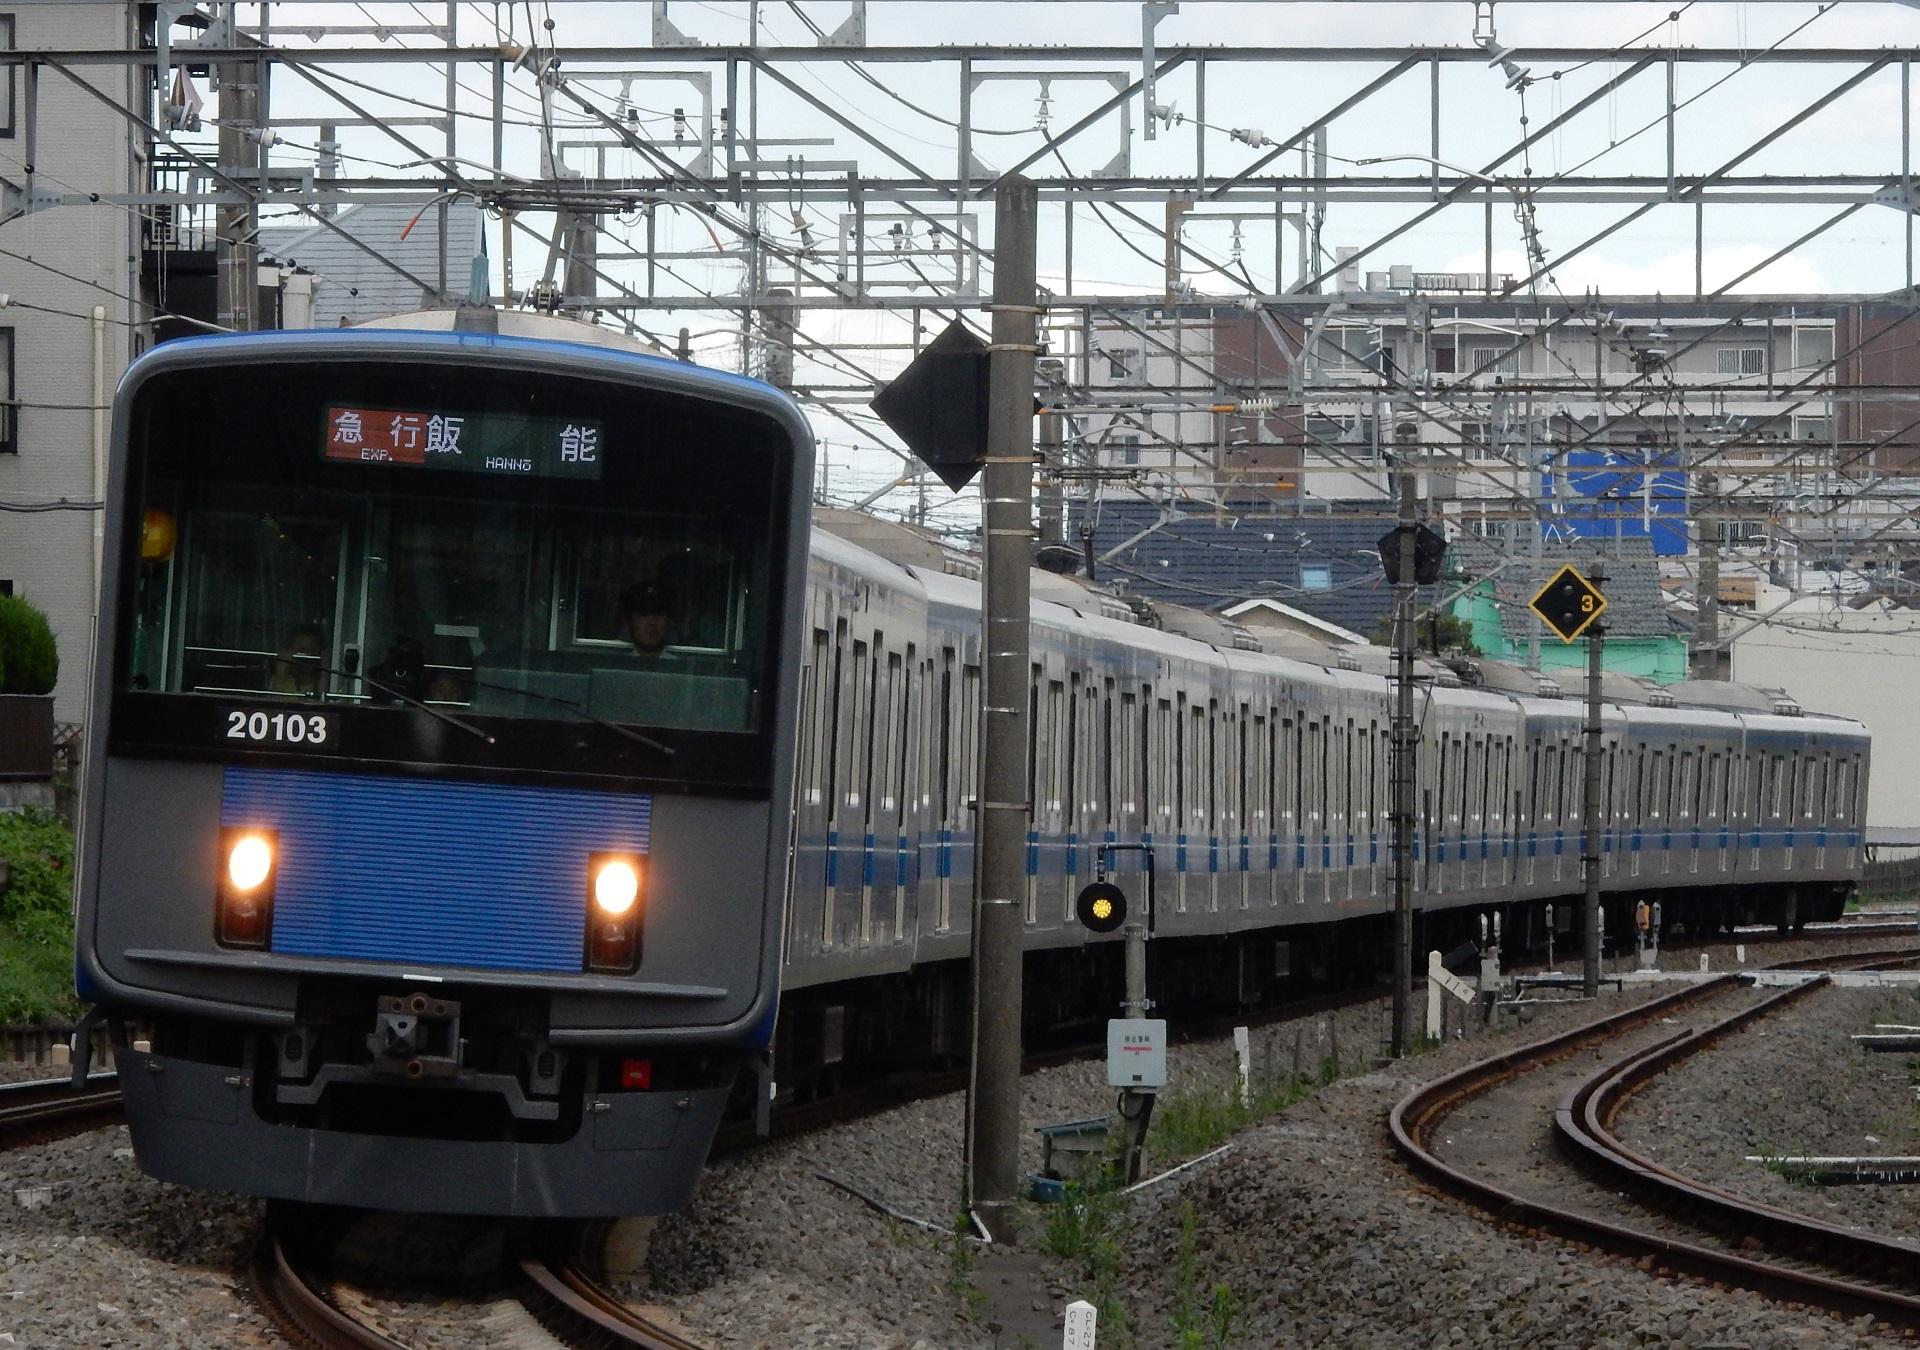 DSCN3596 - コピー